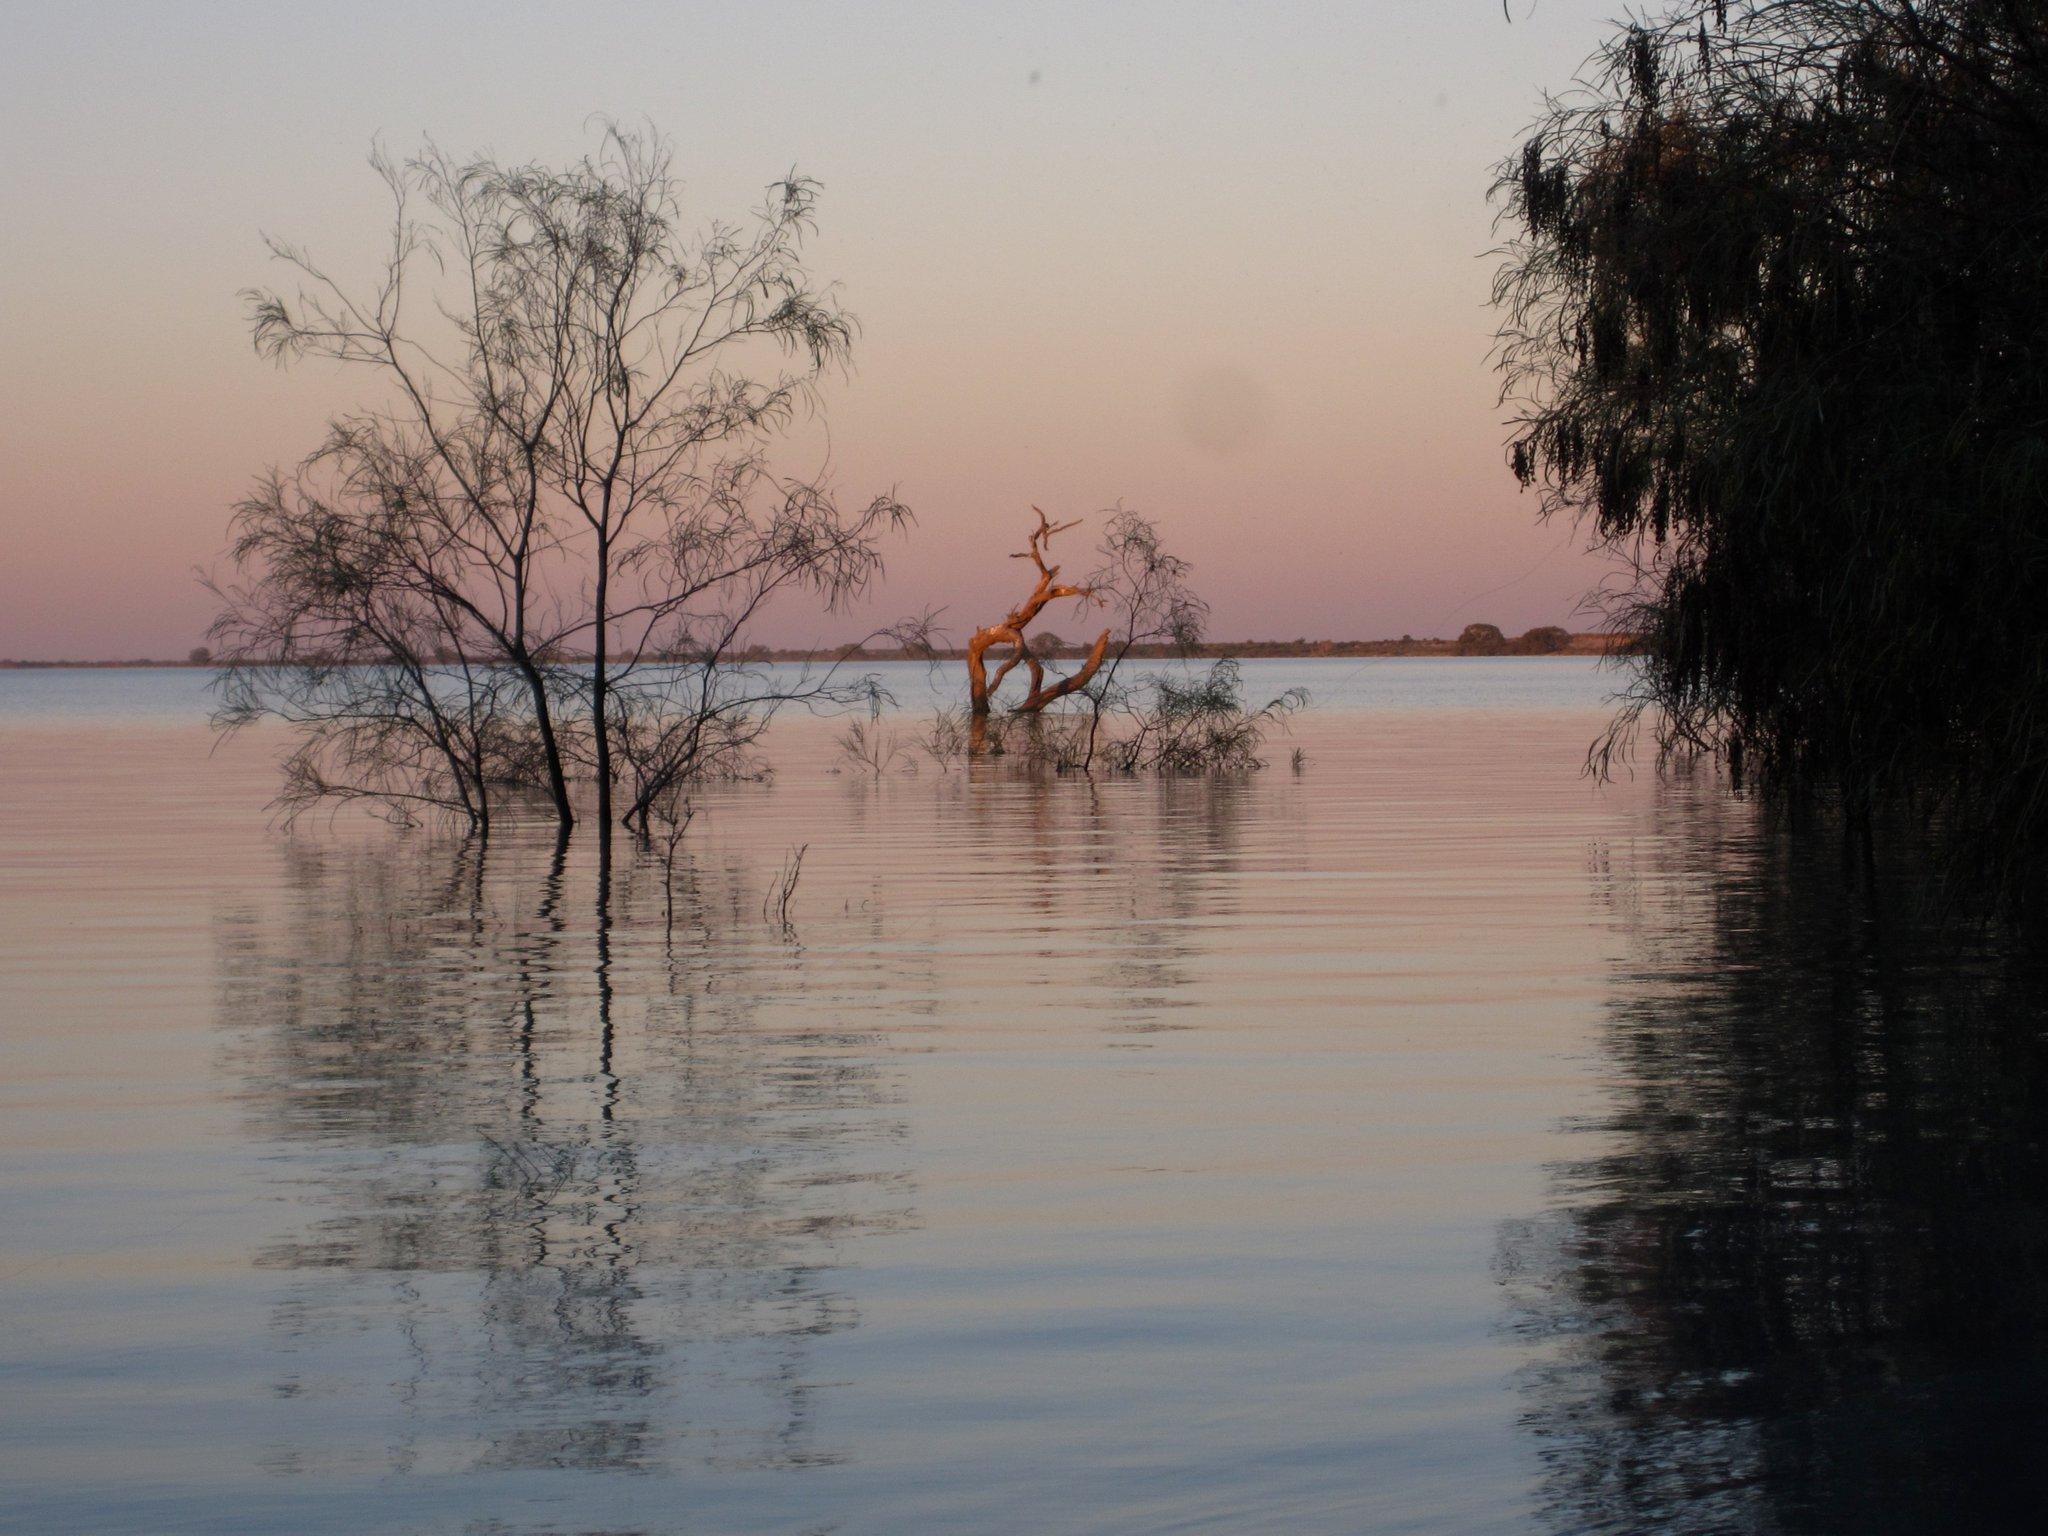 Desert flood - Australian inspiration